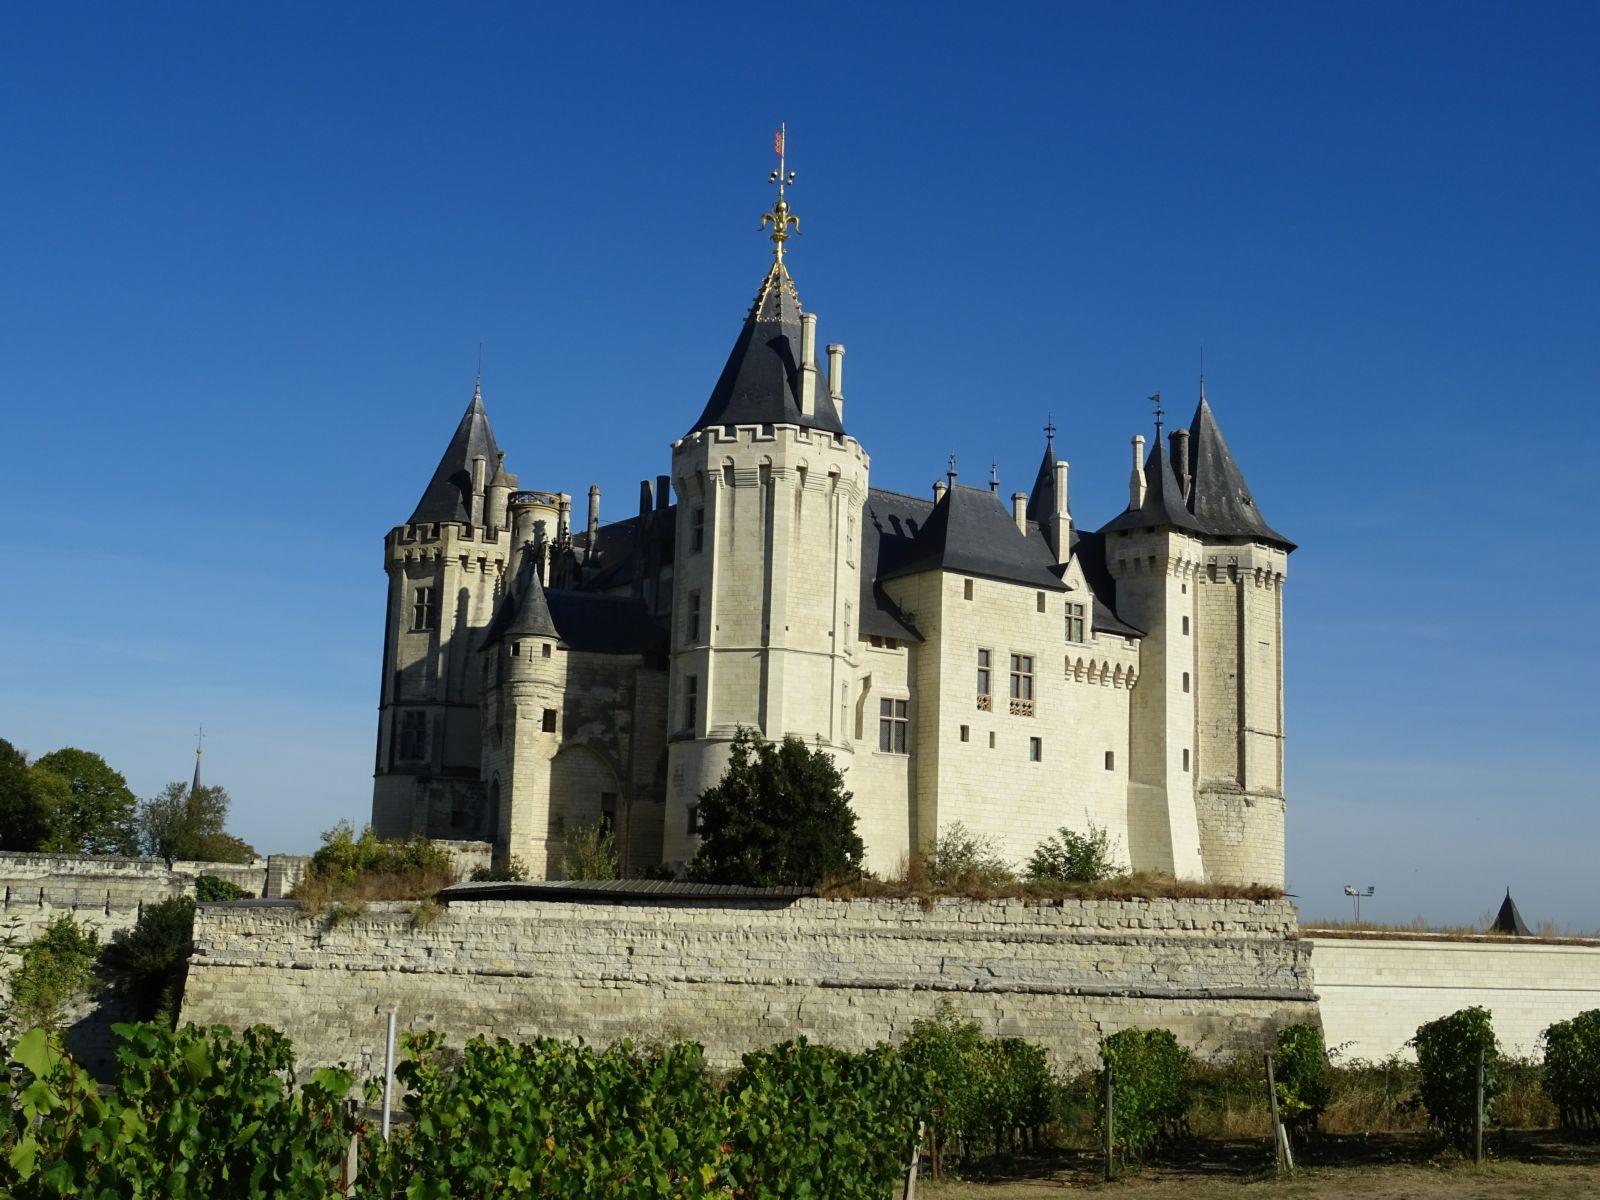 Le chateau de saumur